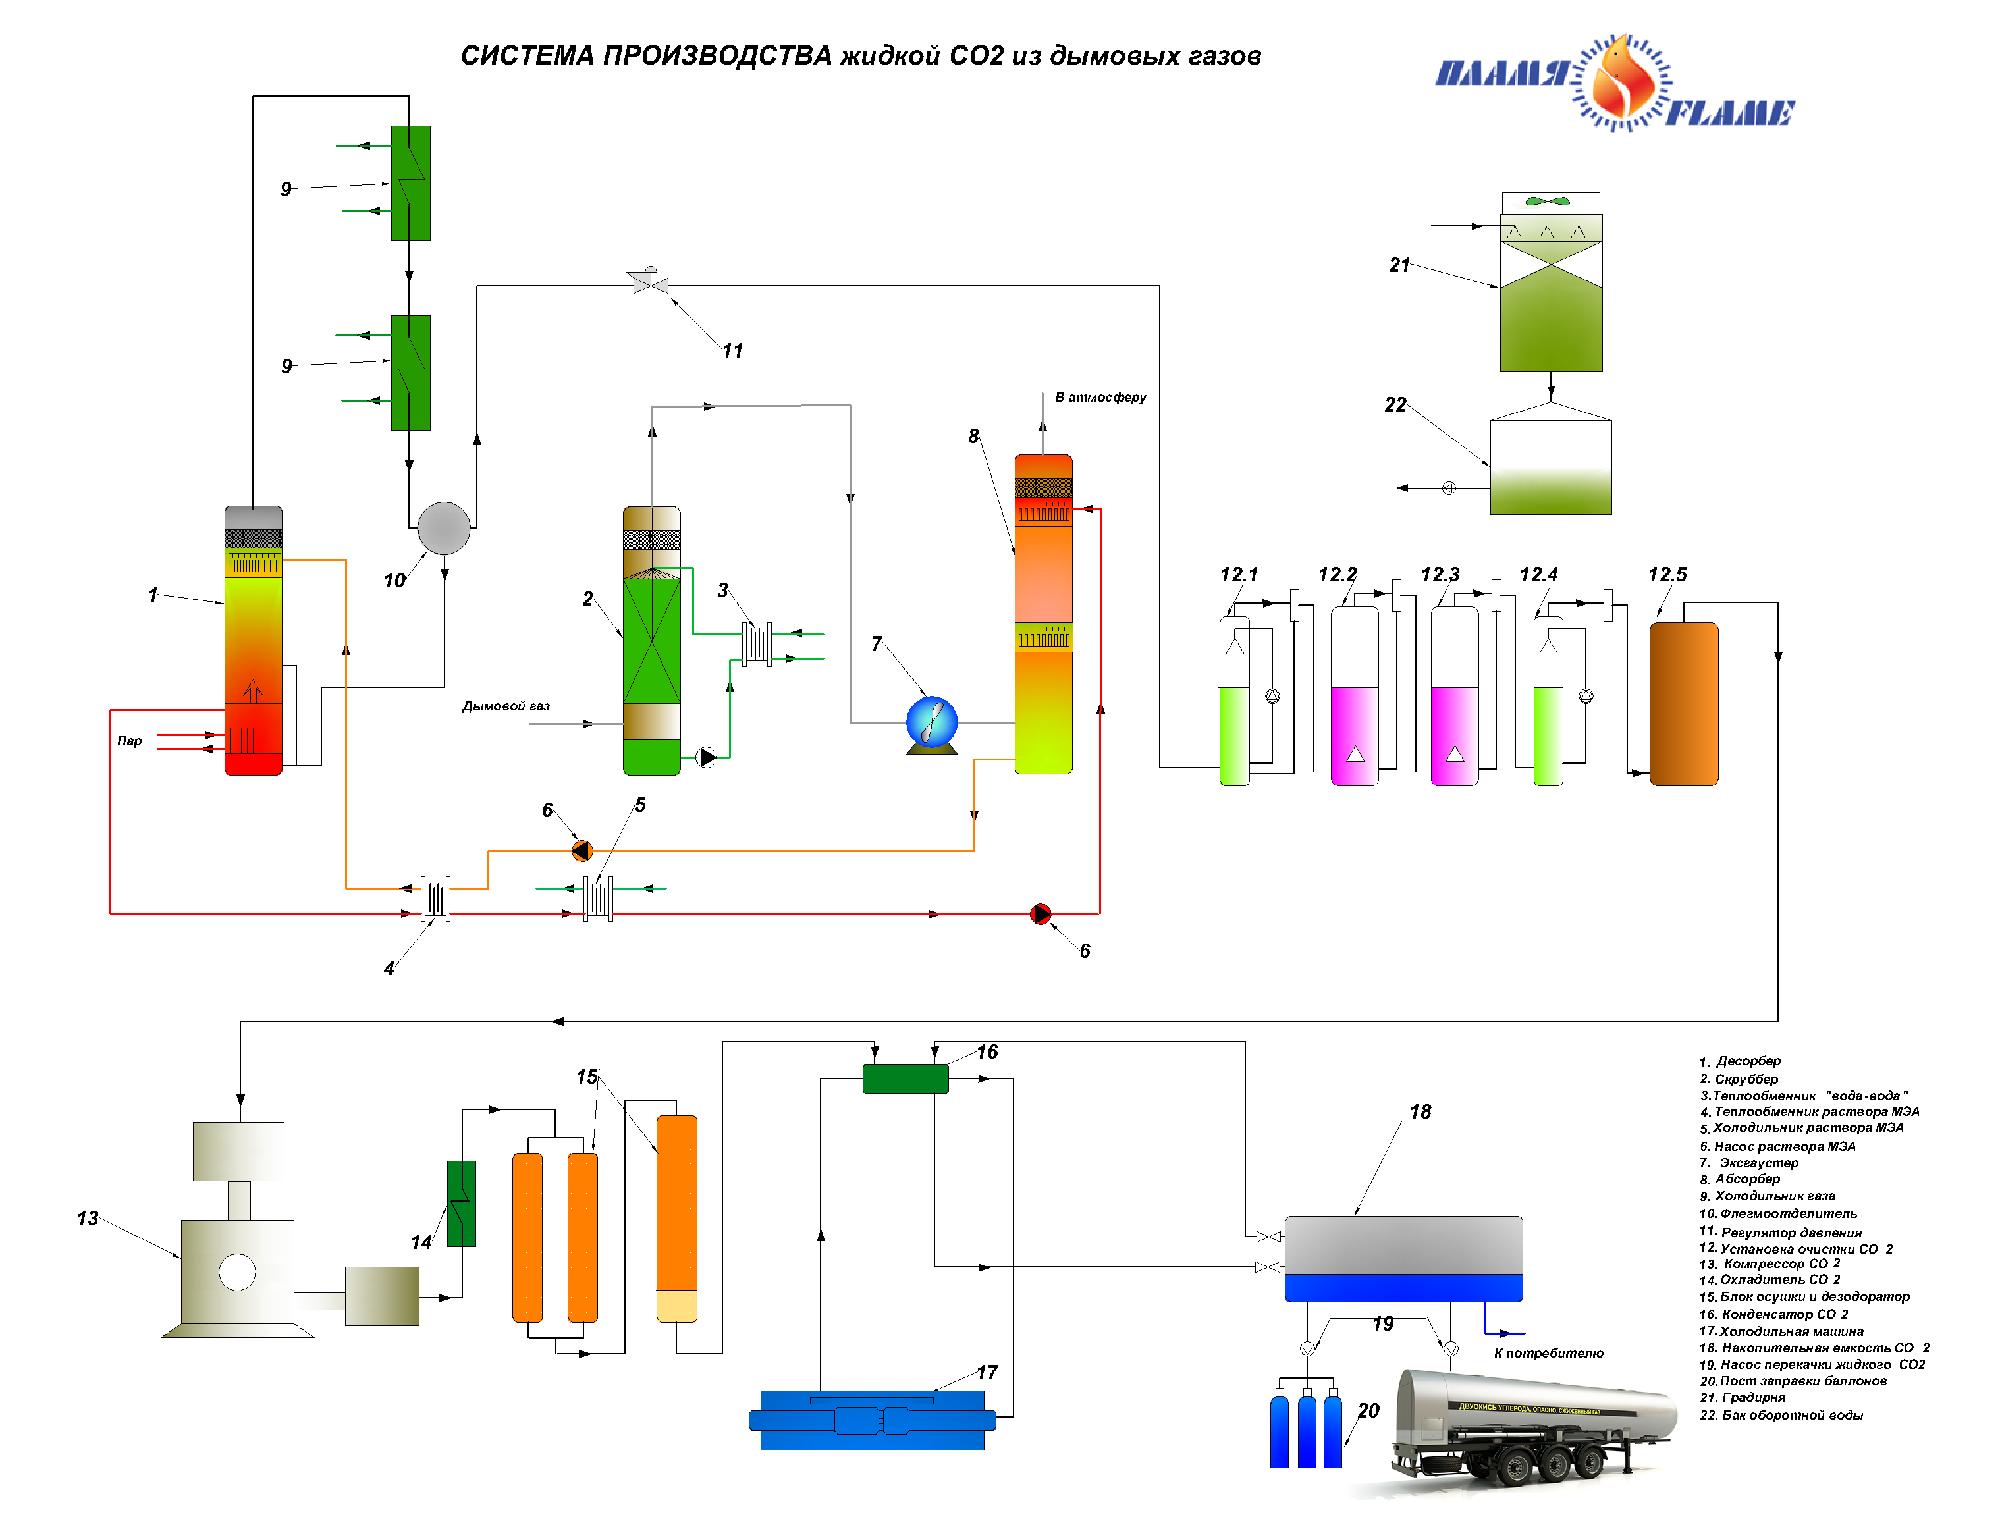 Технологическая схема производства жидких экстрактов